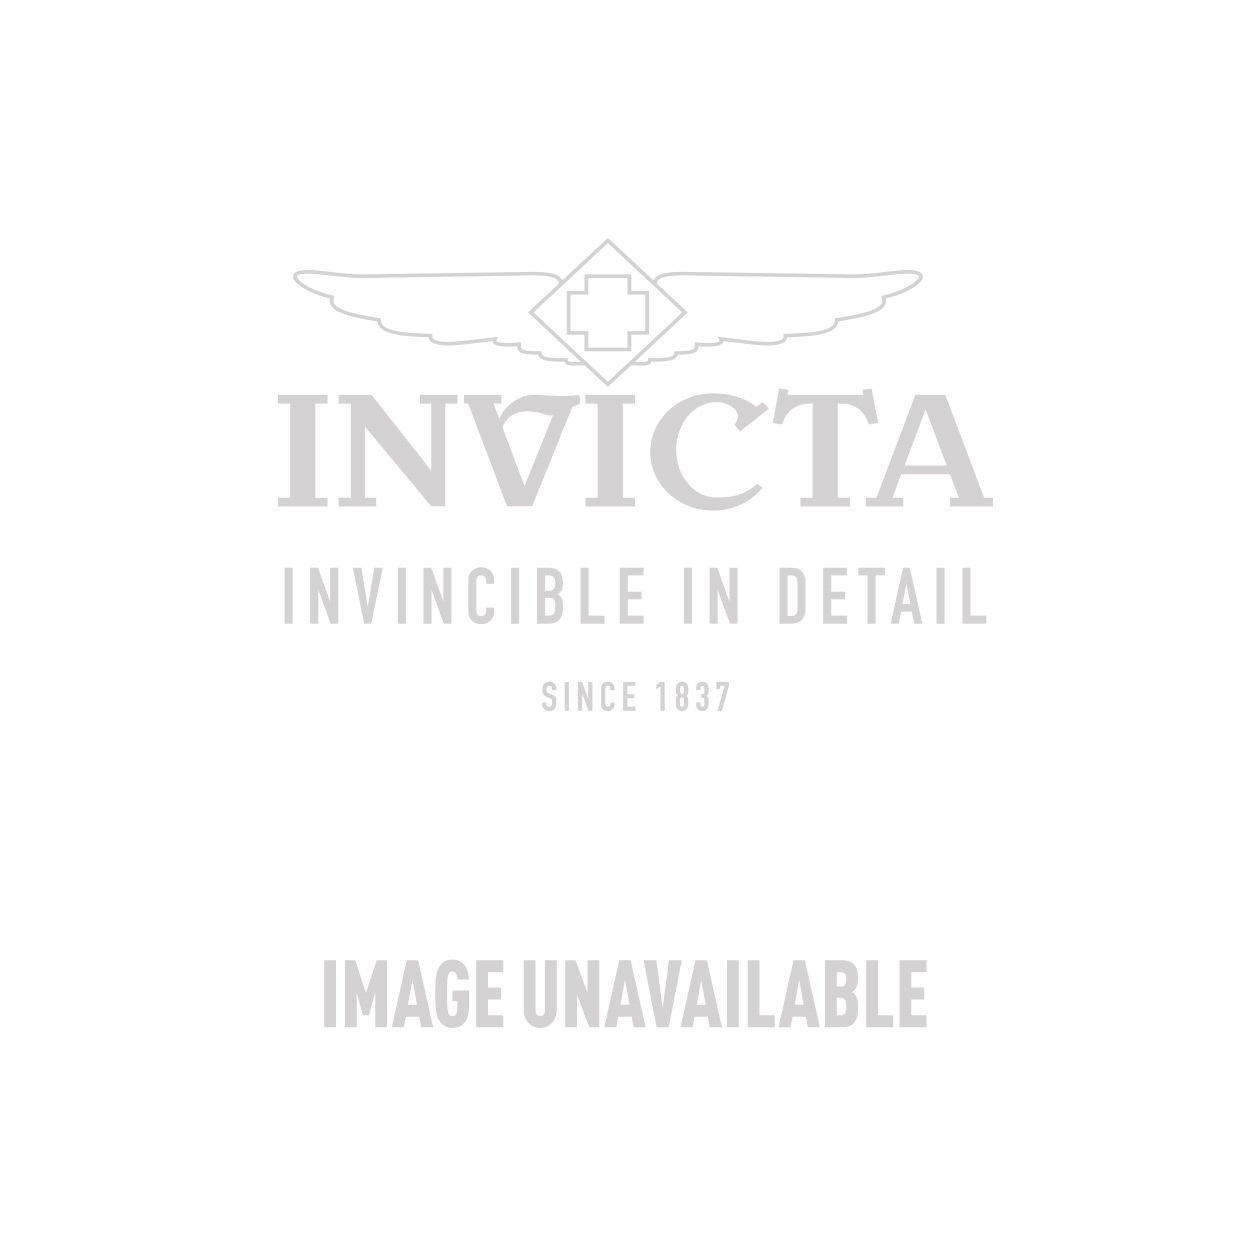 Invicta Model 25102